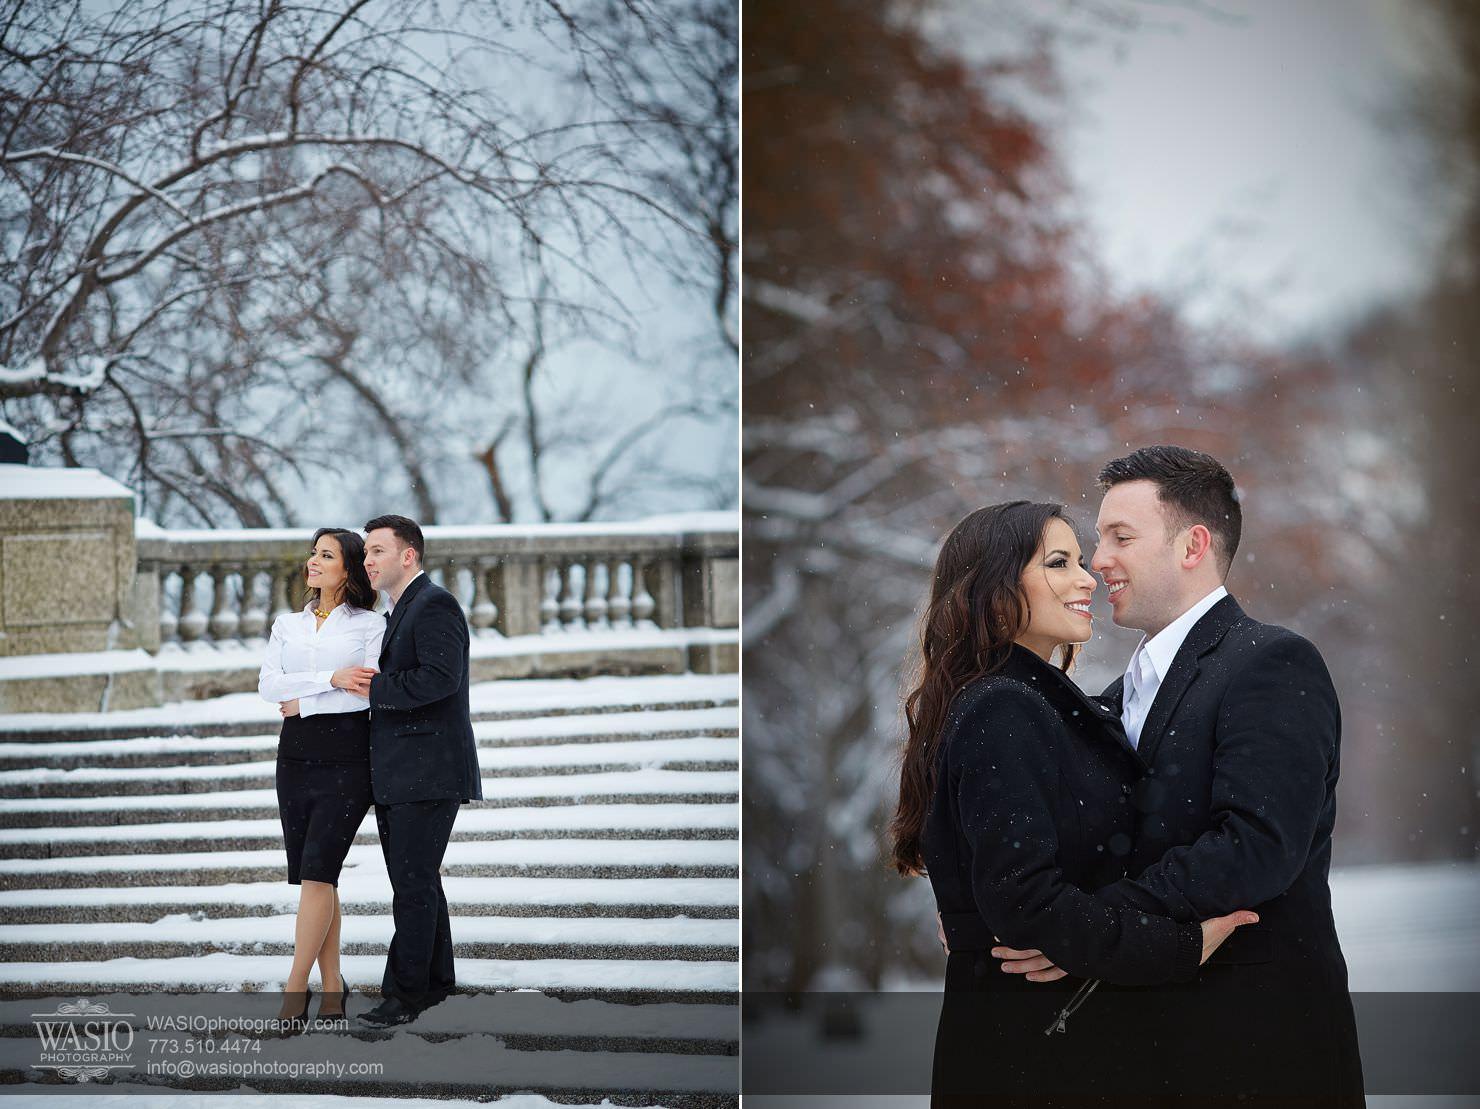 006-Chicago-Winter-Engagement Chicago Winter Engagement - Chrissy + Andrew